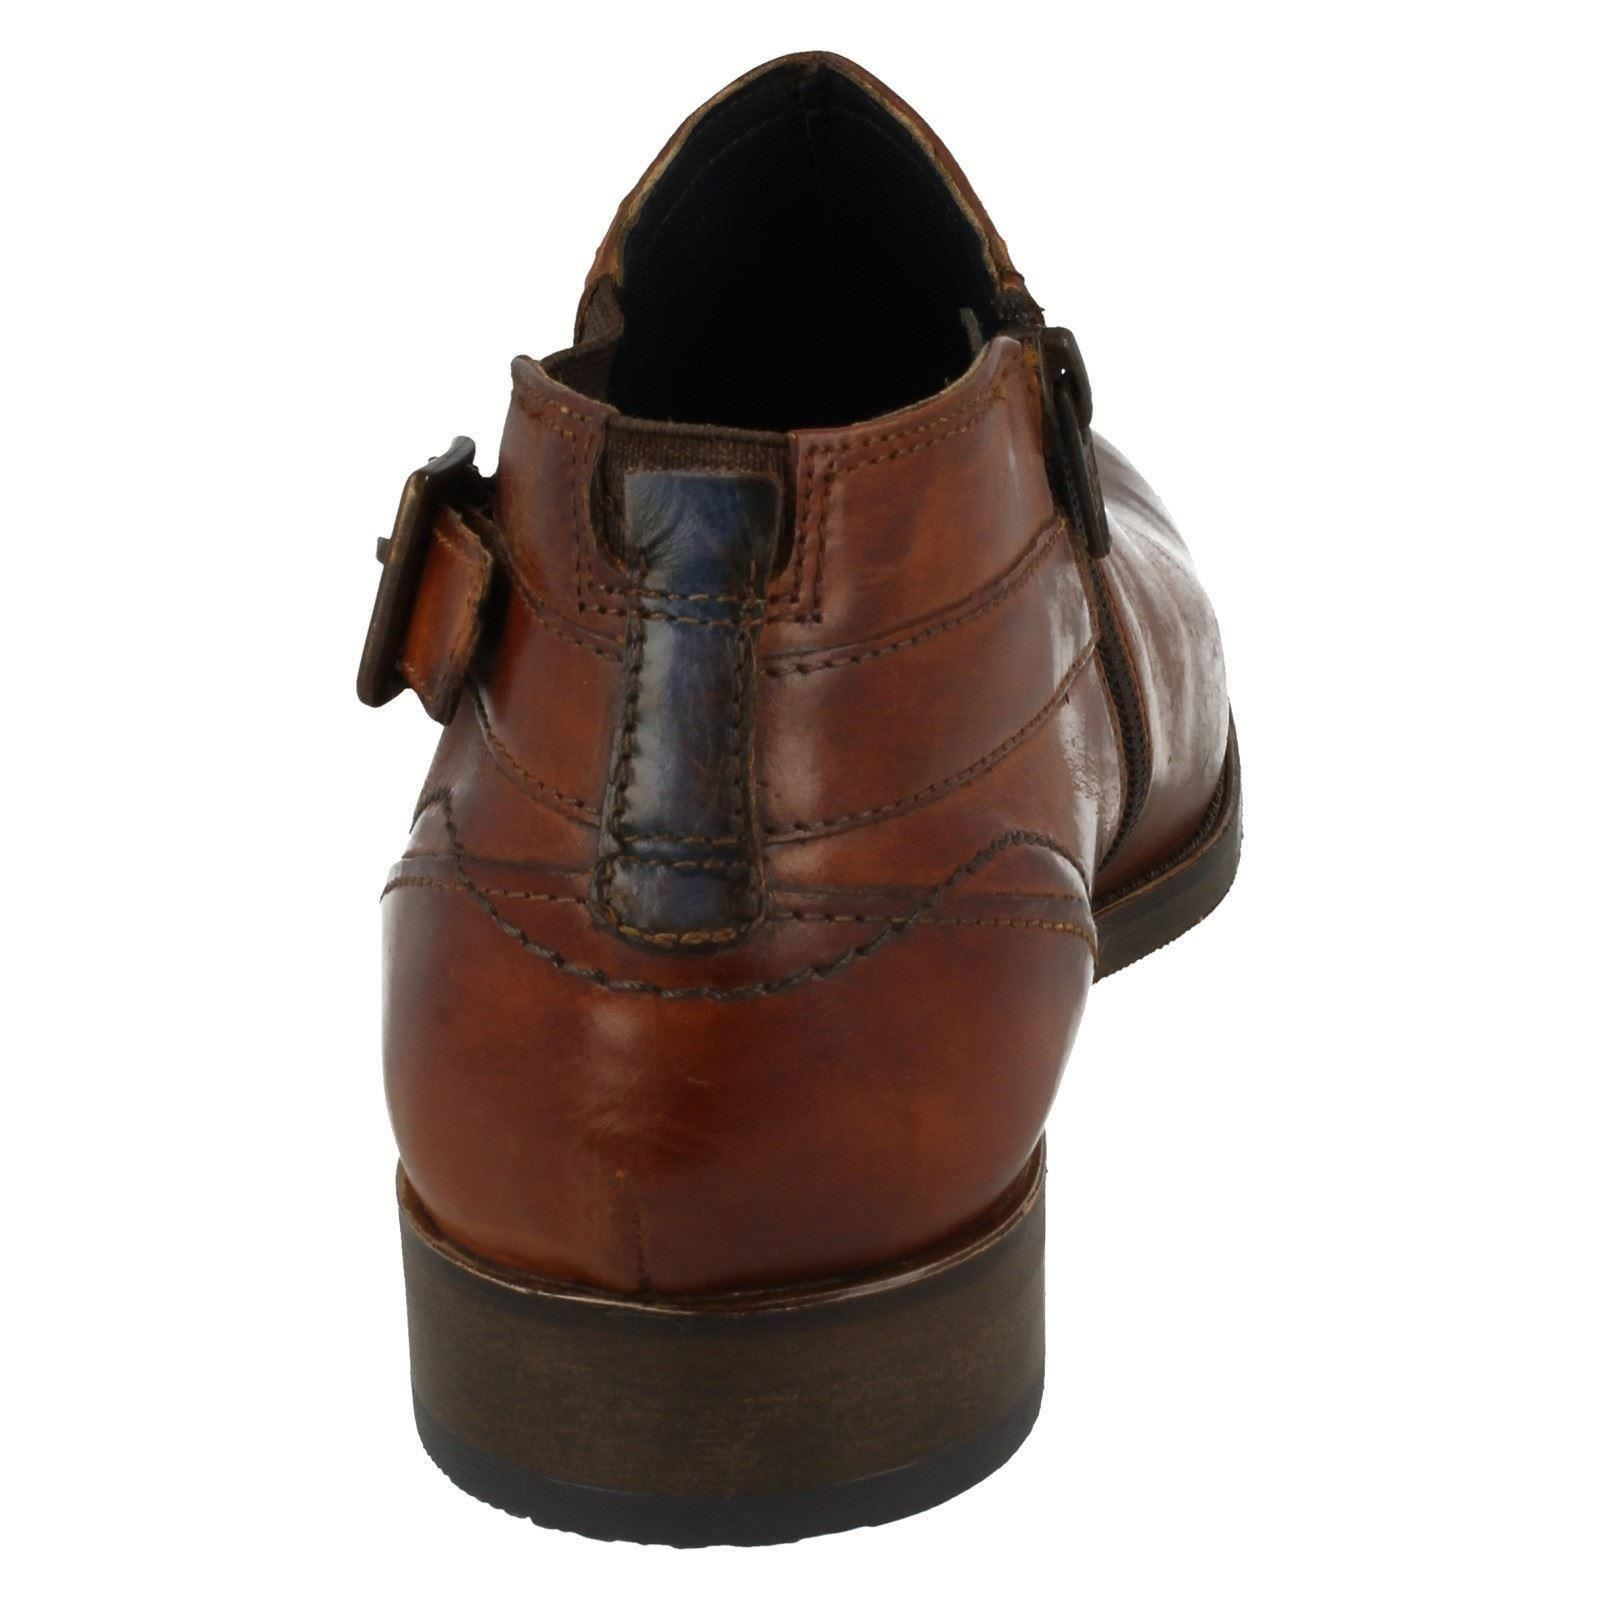 Herren Bugatti Smart Smart Smart Ankle Stiefel 16420 7d1e8e